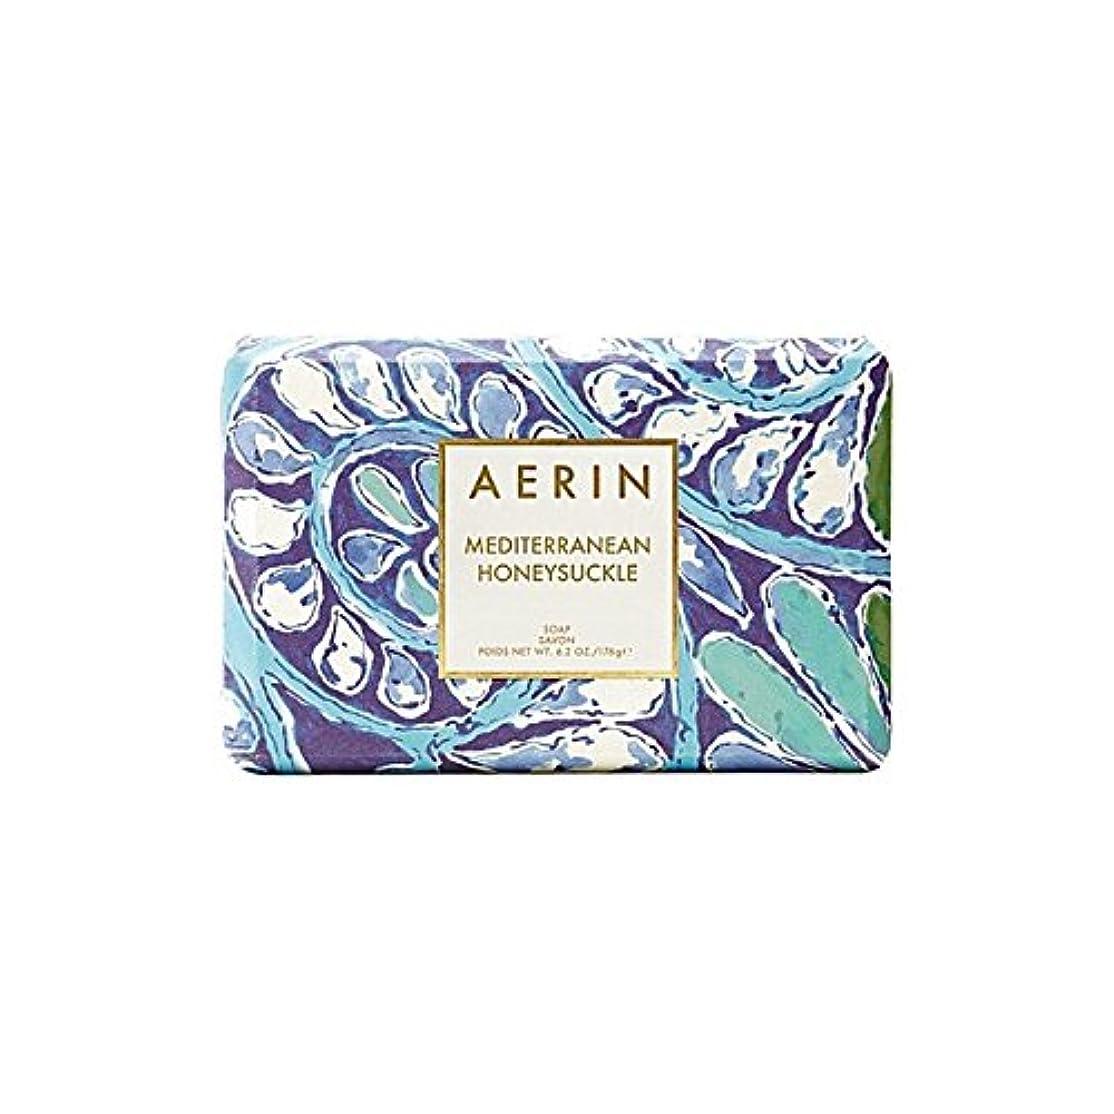 感嘆馬鹿げたさせるスイカズラ固形石鹸176グラム x2 - Aerin Mediterrenean Honeysuckle Bar Soap 176G (Pack of 2) [並行輸入品]